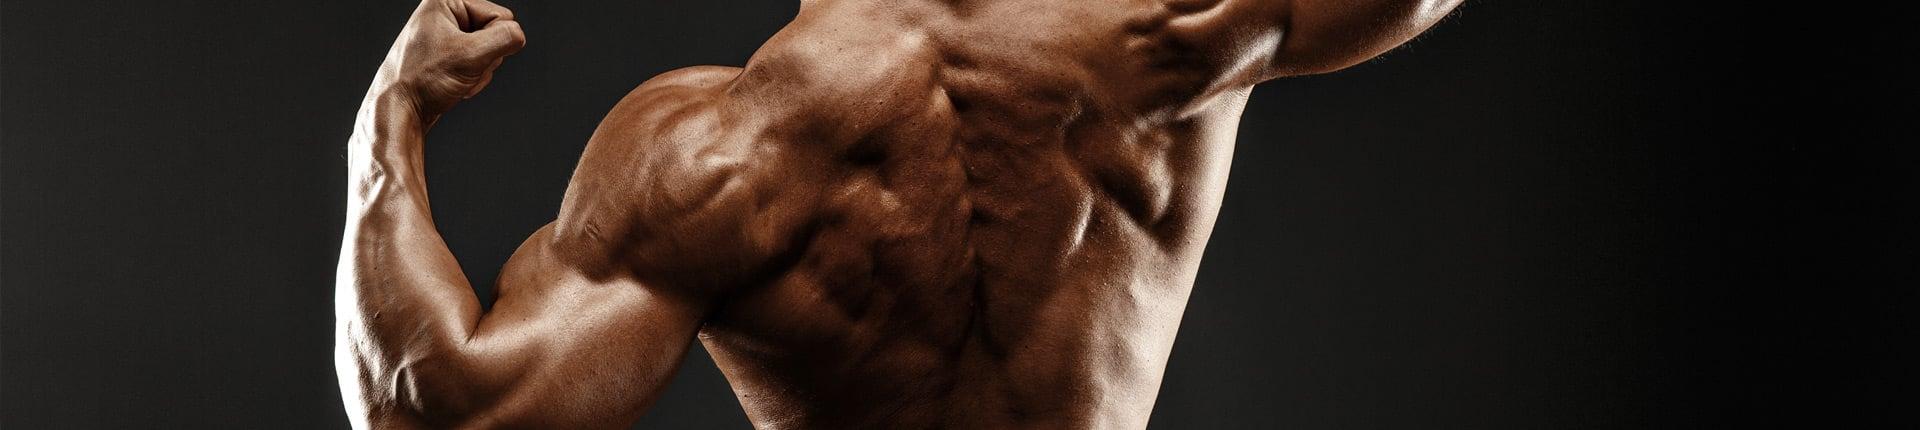 Dlaczego mięśnie stabilizujące są tak ważne?